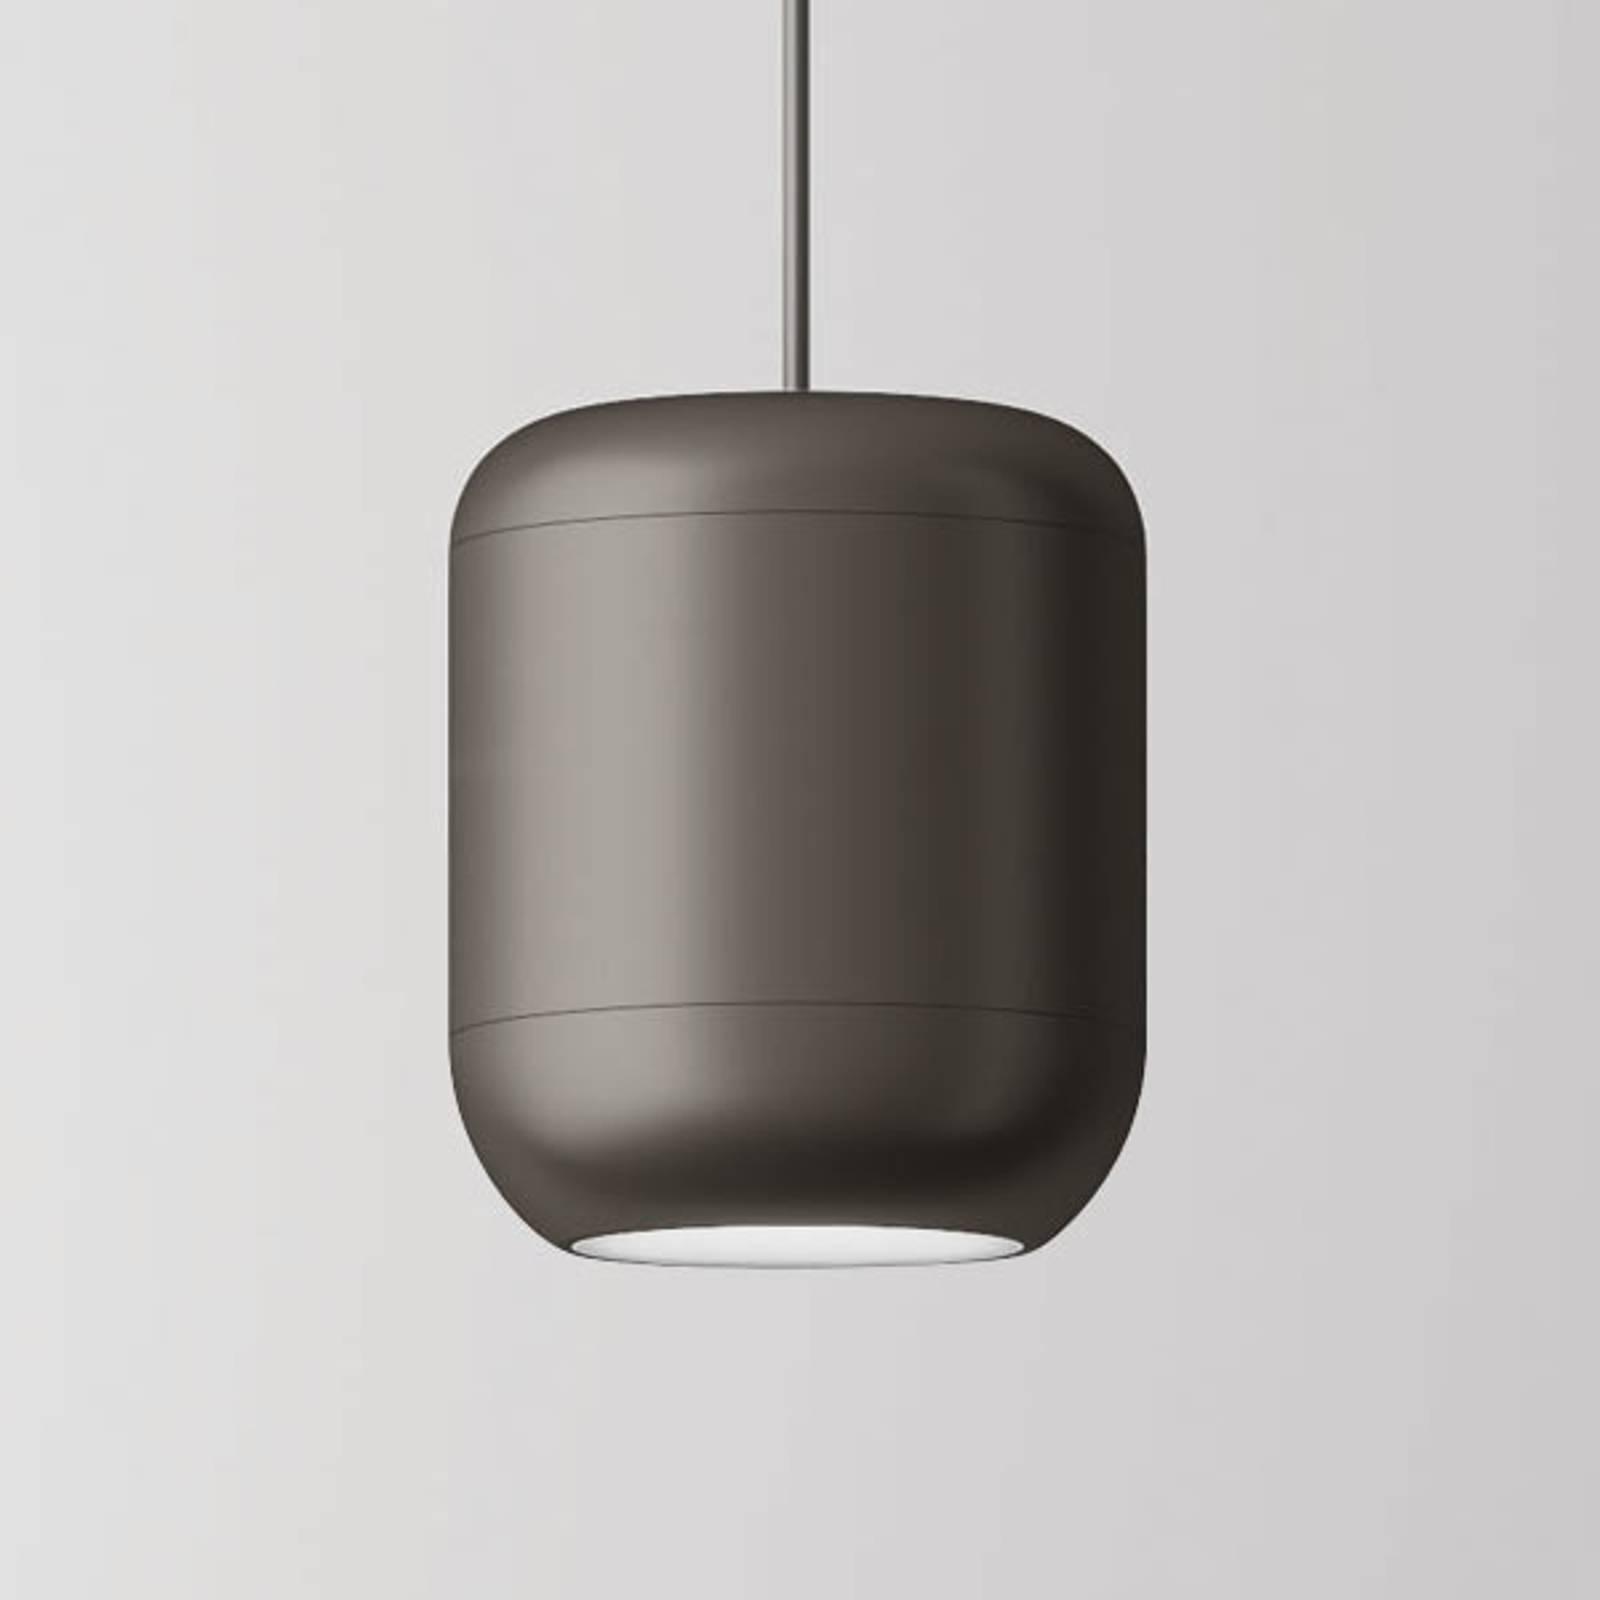 Axolight Urban LED-Pendelleuchte 26 cm nickel matt